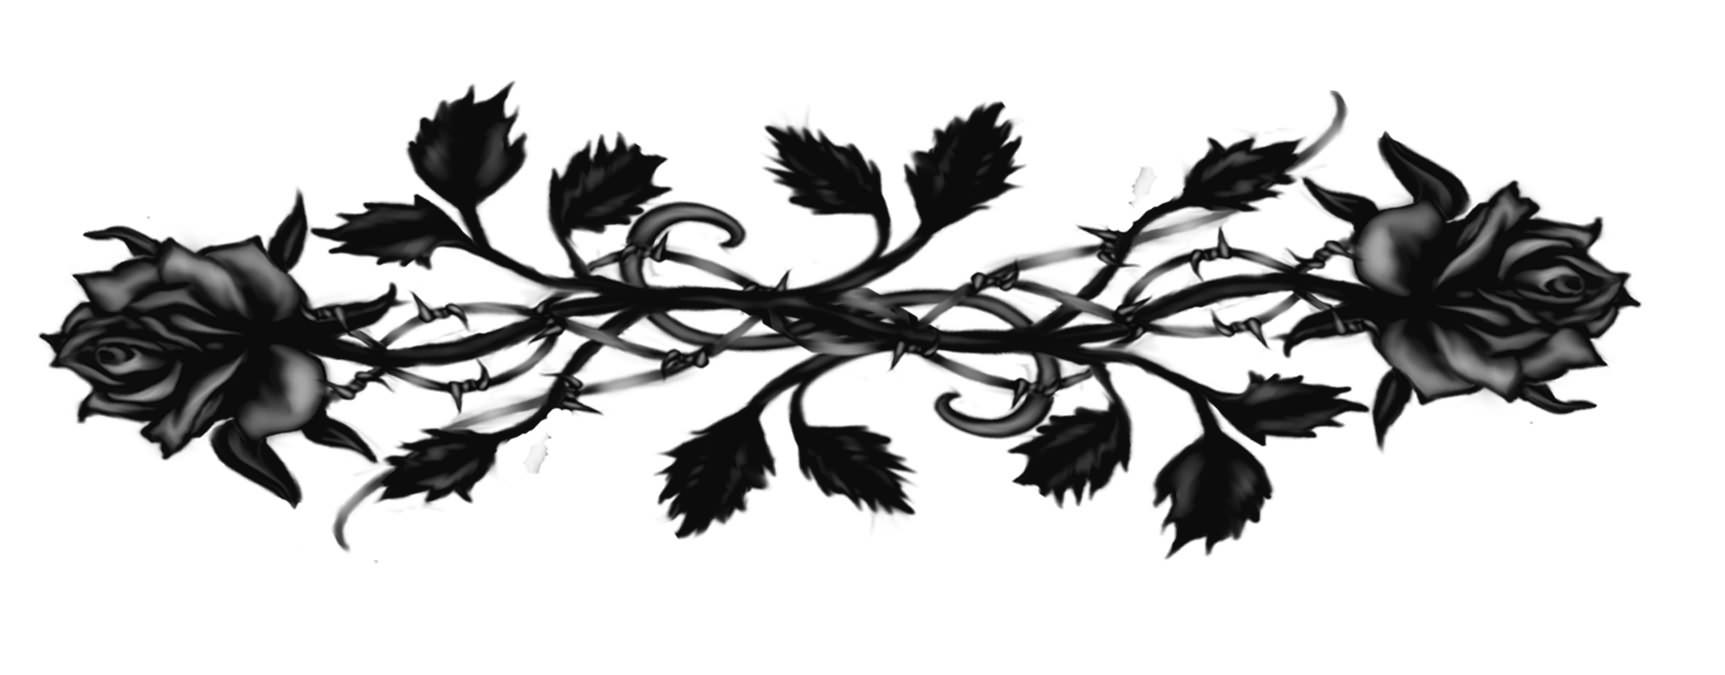 Black Gothic Rose Tattoos Design Sample .